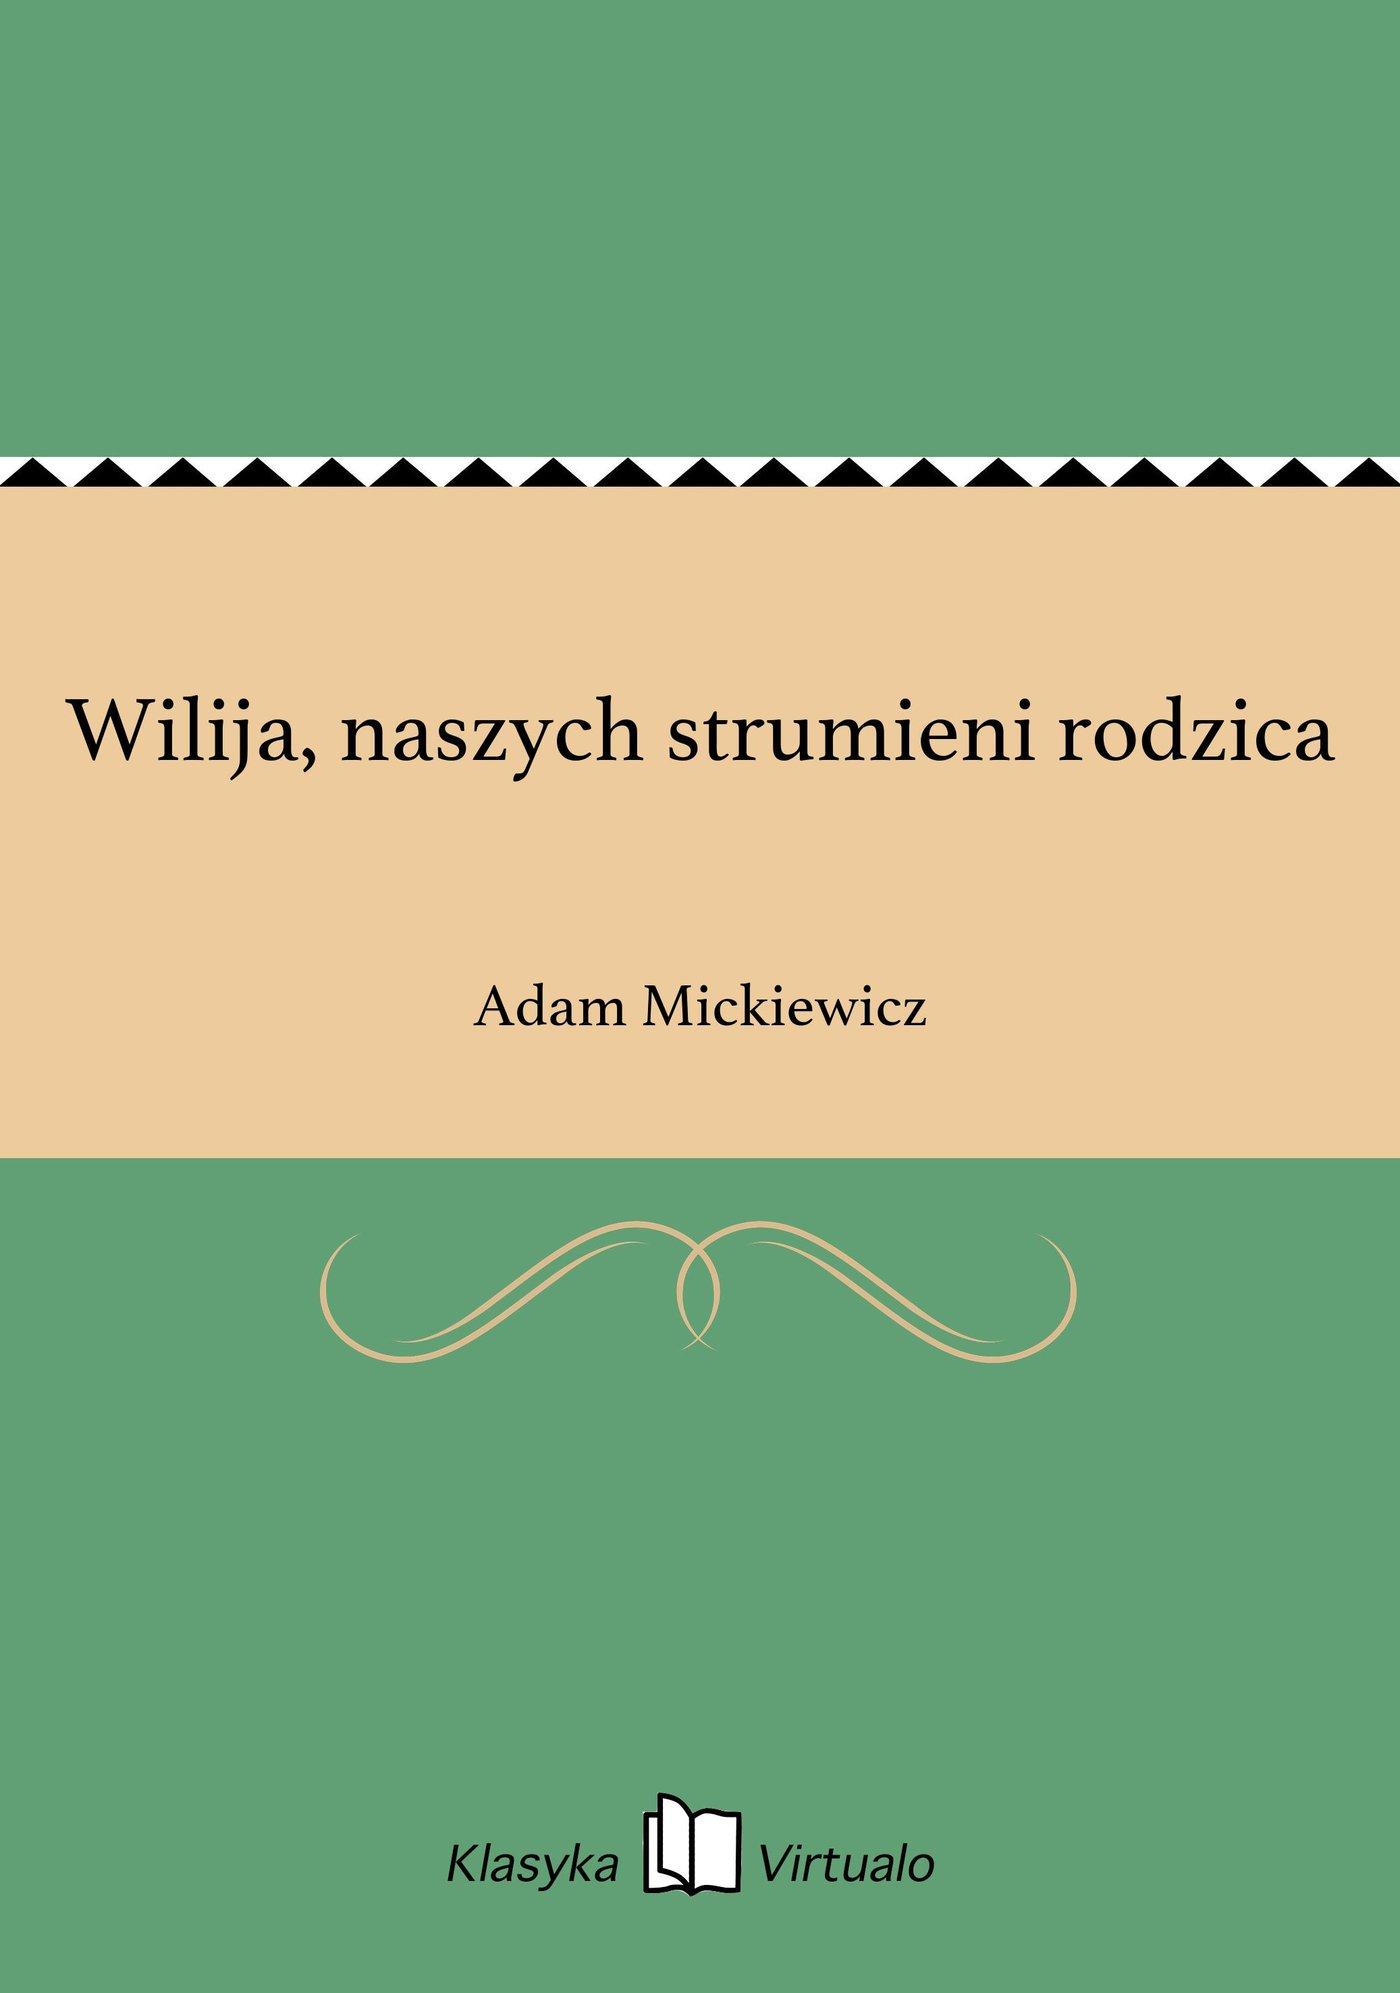 Wilija, naszych strumieni rodzica - Ebook (Książka na Kindle) do pobrania w formacie MOBI